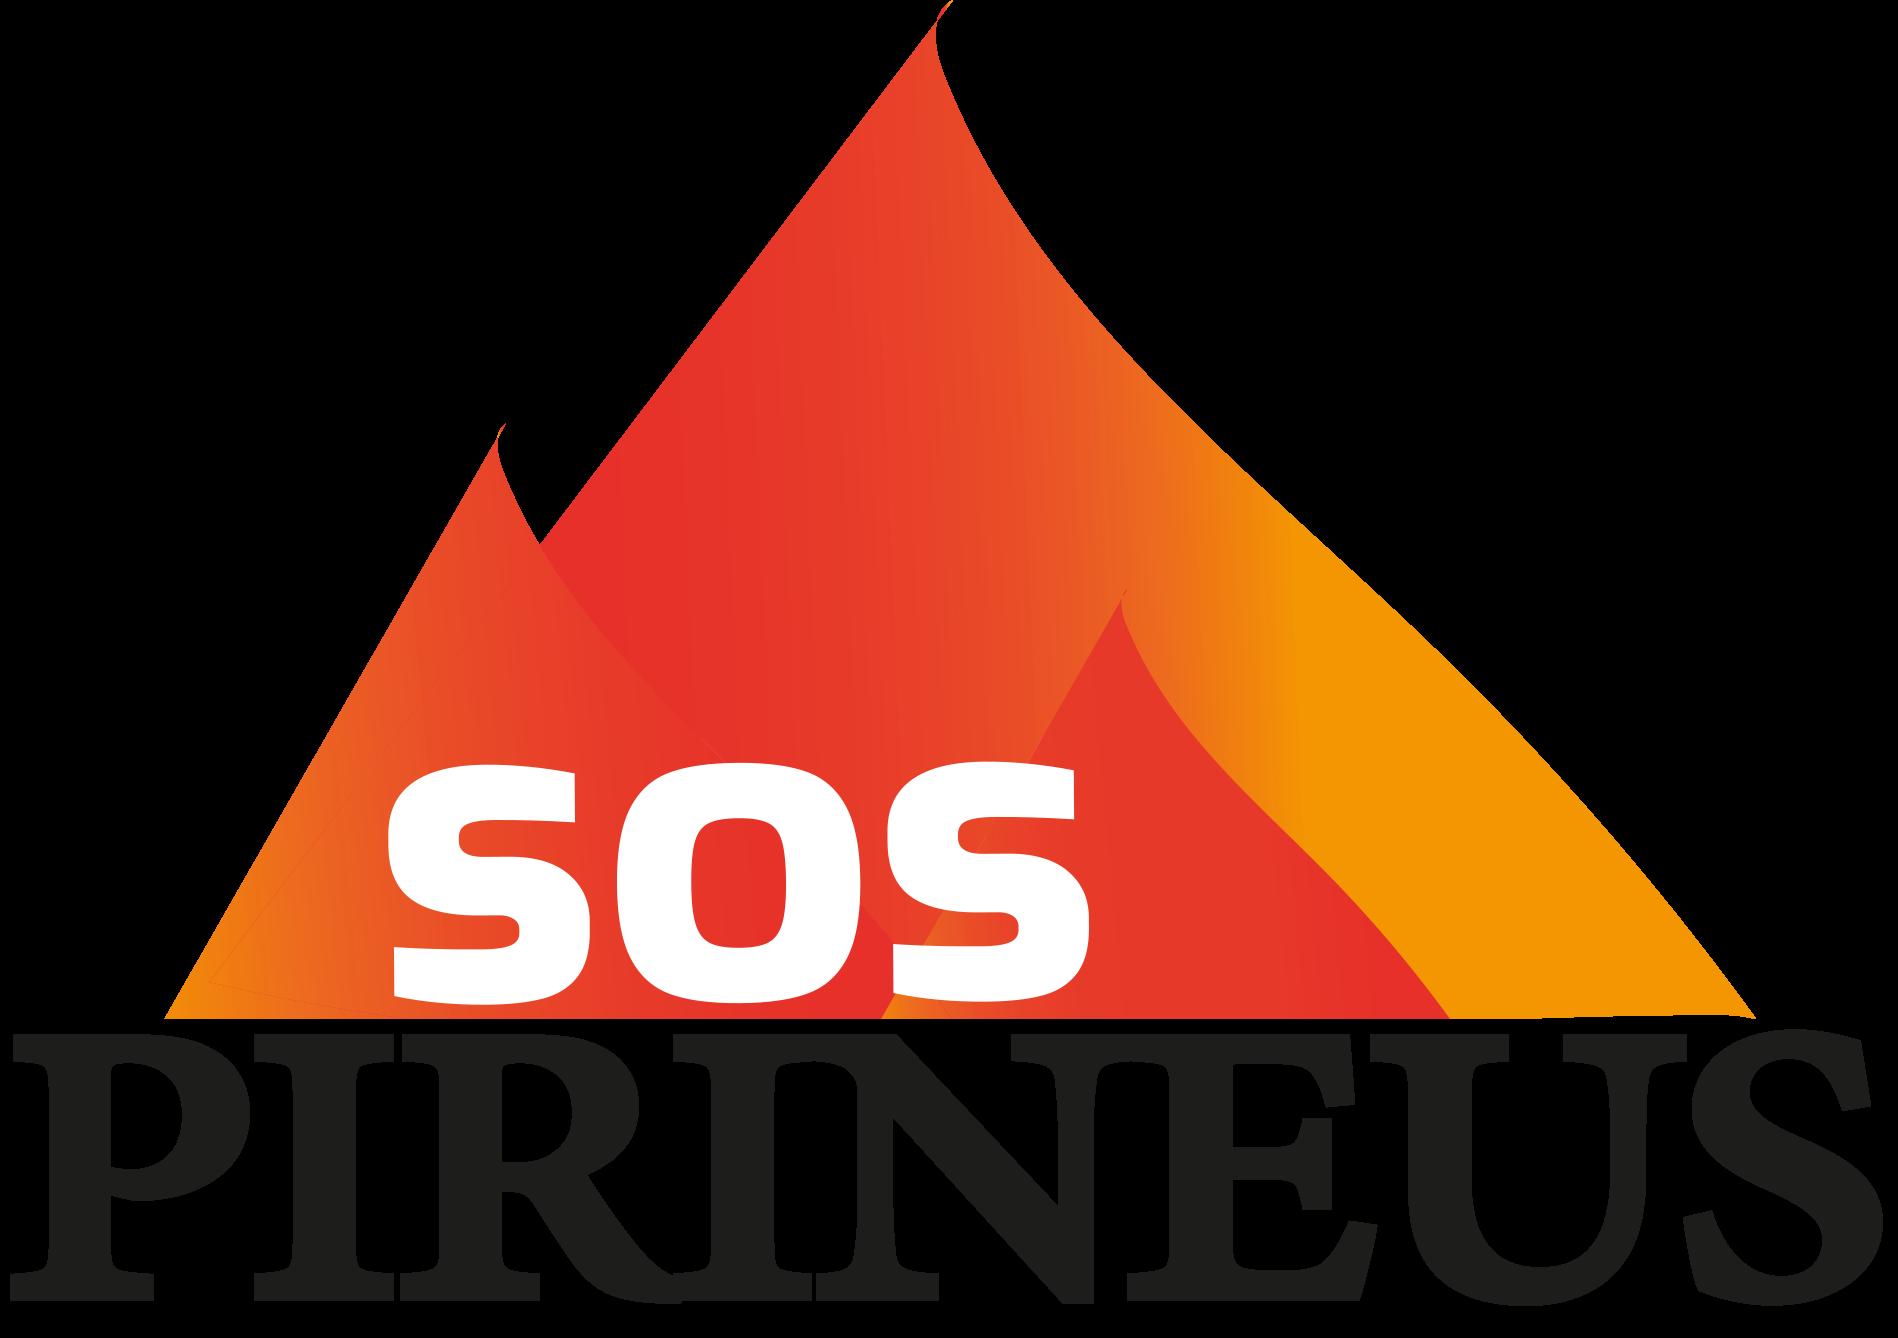 SOS PIRINEUS